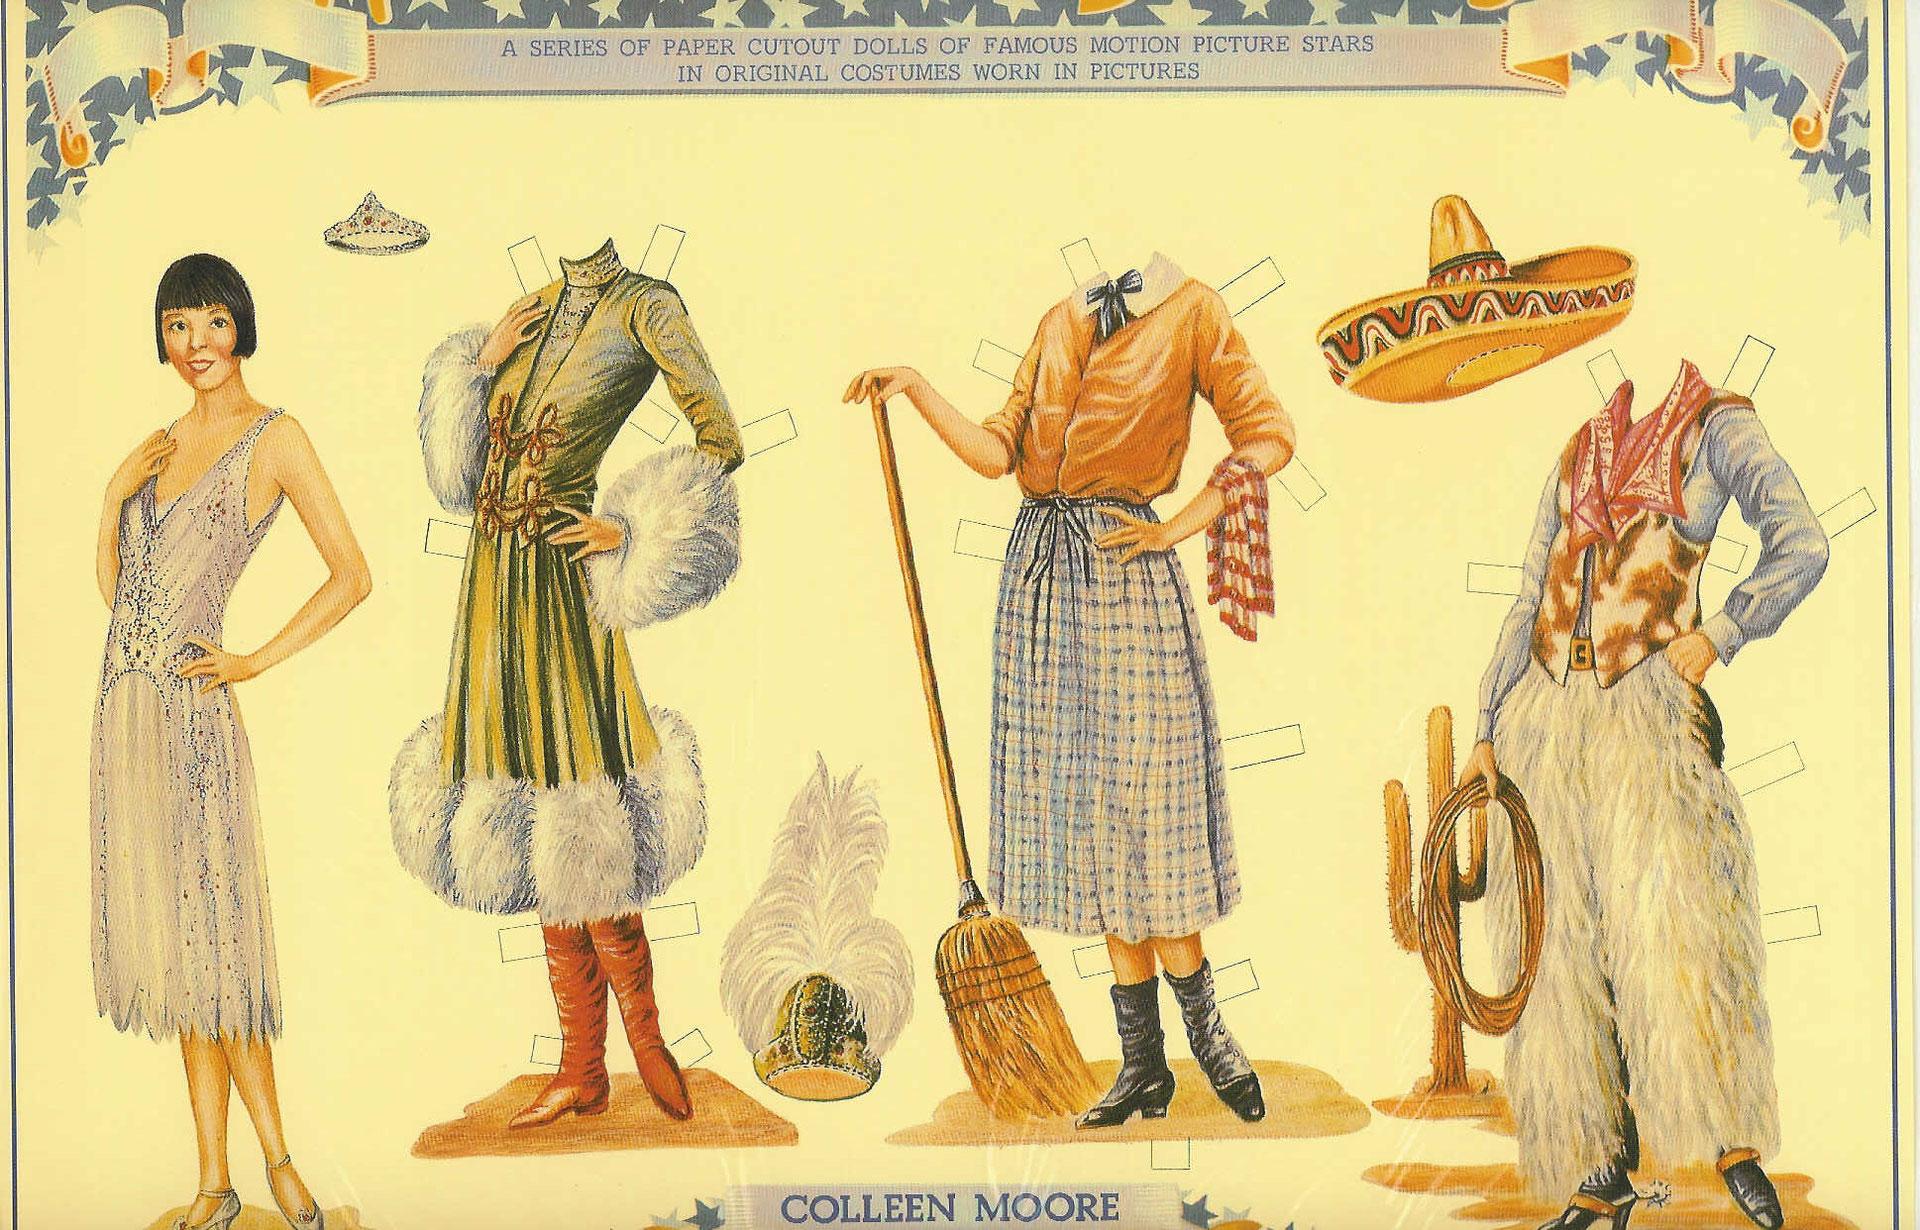 Bastel- & Kreativ-Bedarf für Kinder Malbücher für Kinder 13 retro Malbücher Ostern neu Pestalozzi Verlag 1986